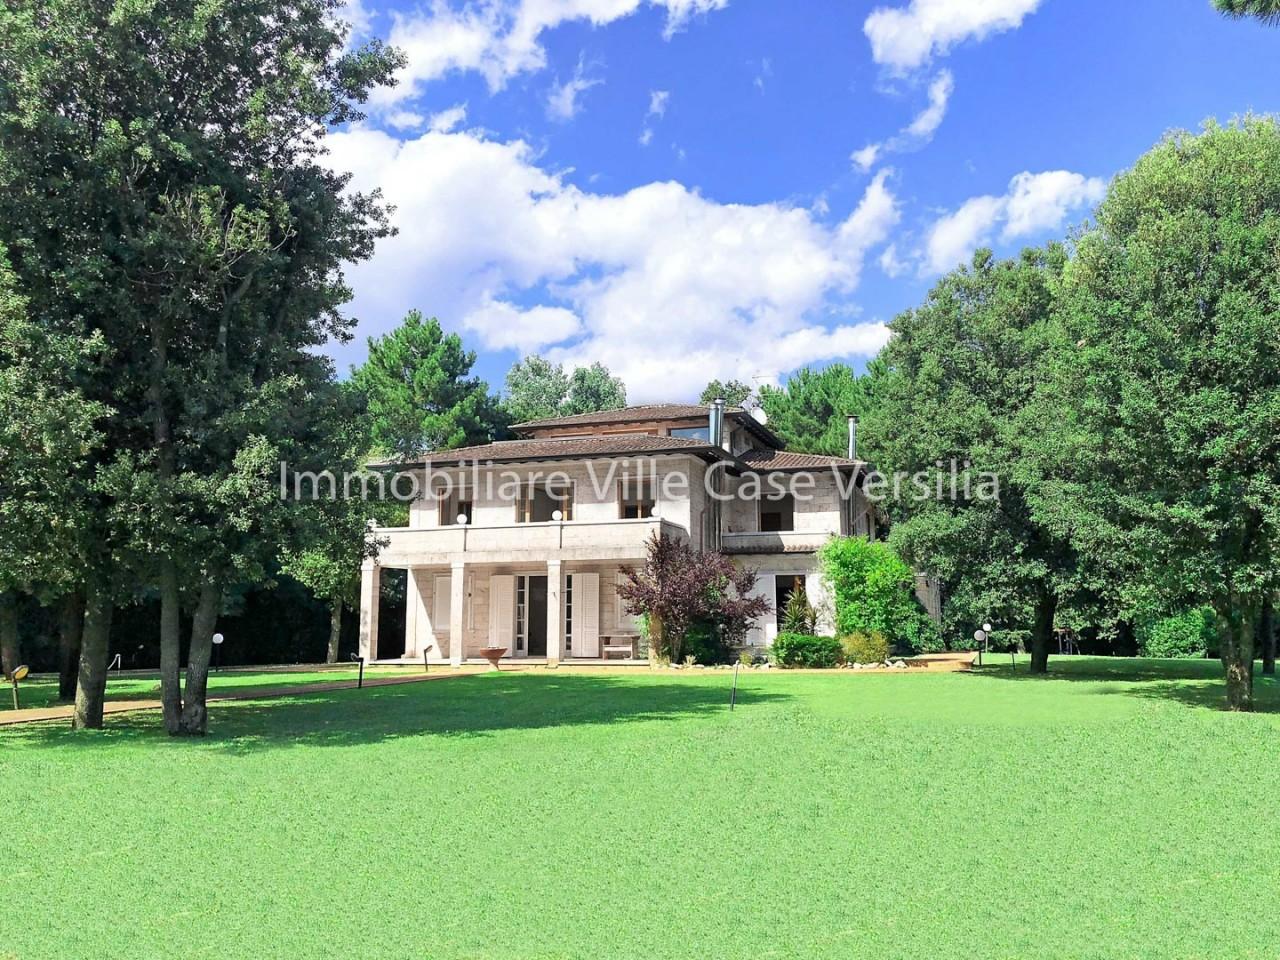 Foto Di Ville Lussuose villa massa vendita 800 mq riscaldamento autonomo cucina